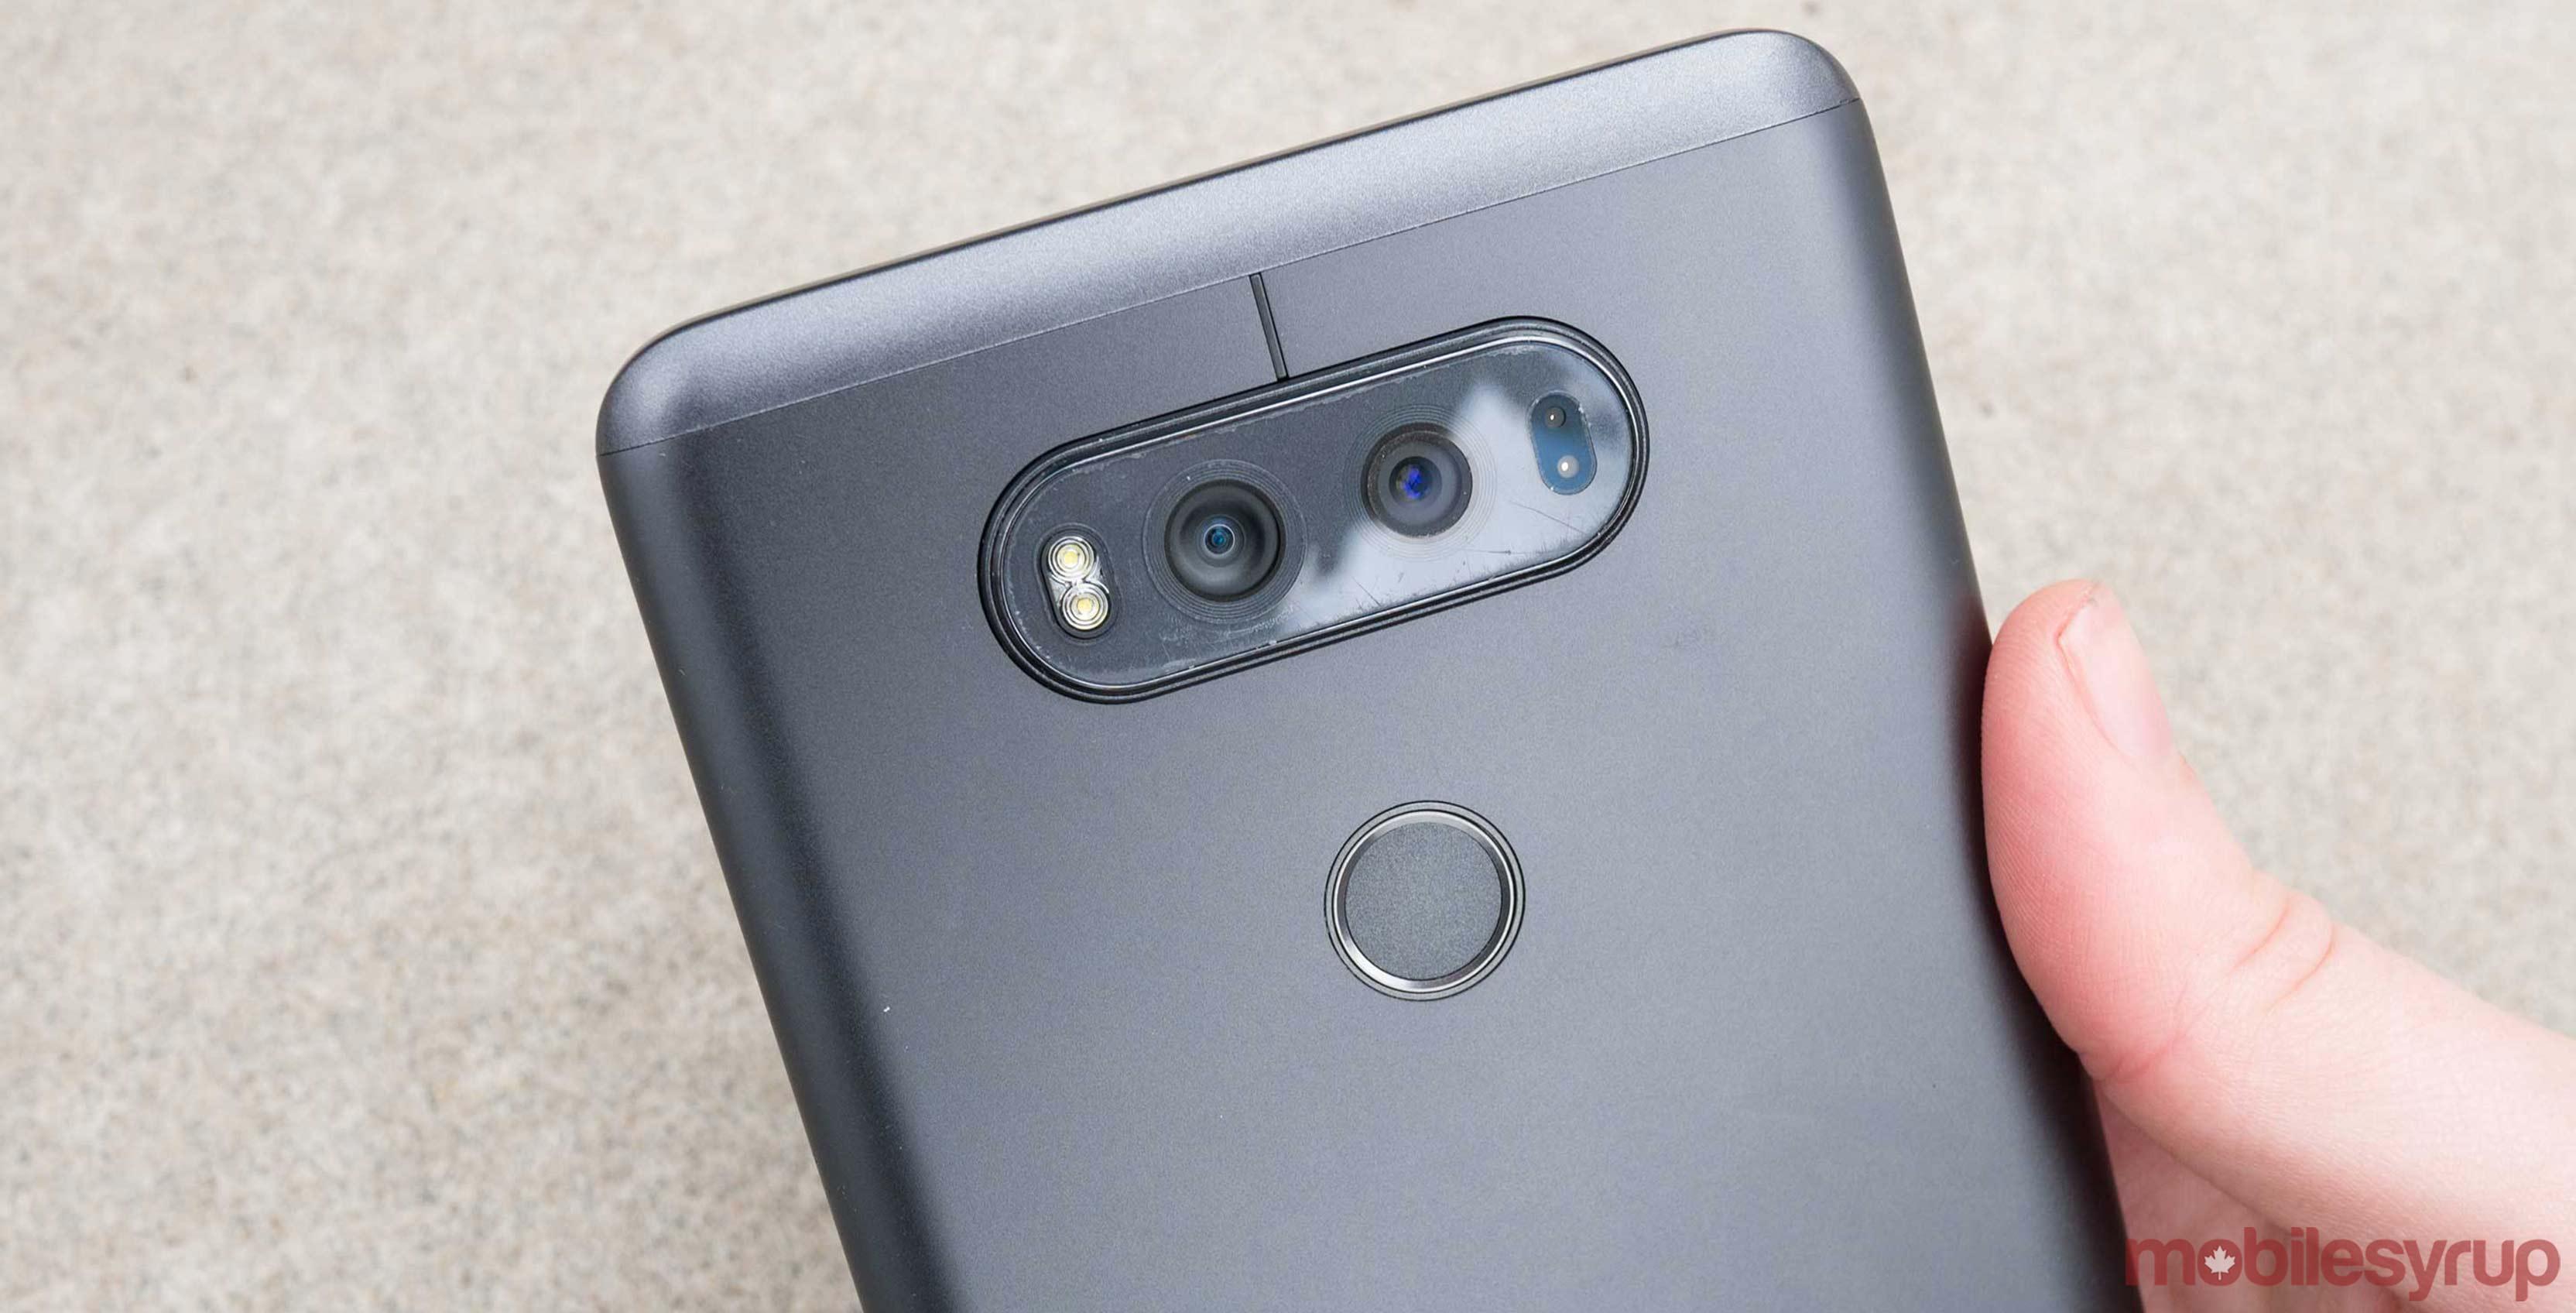 Back of LG V20 smartphone